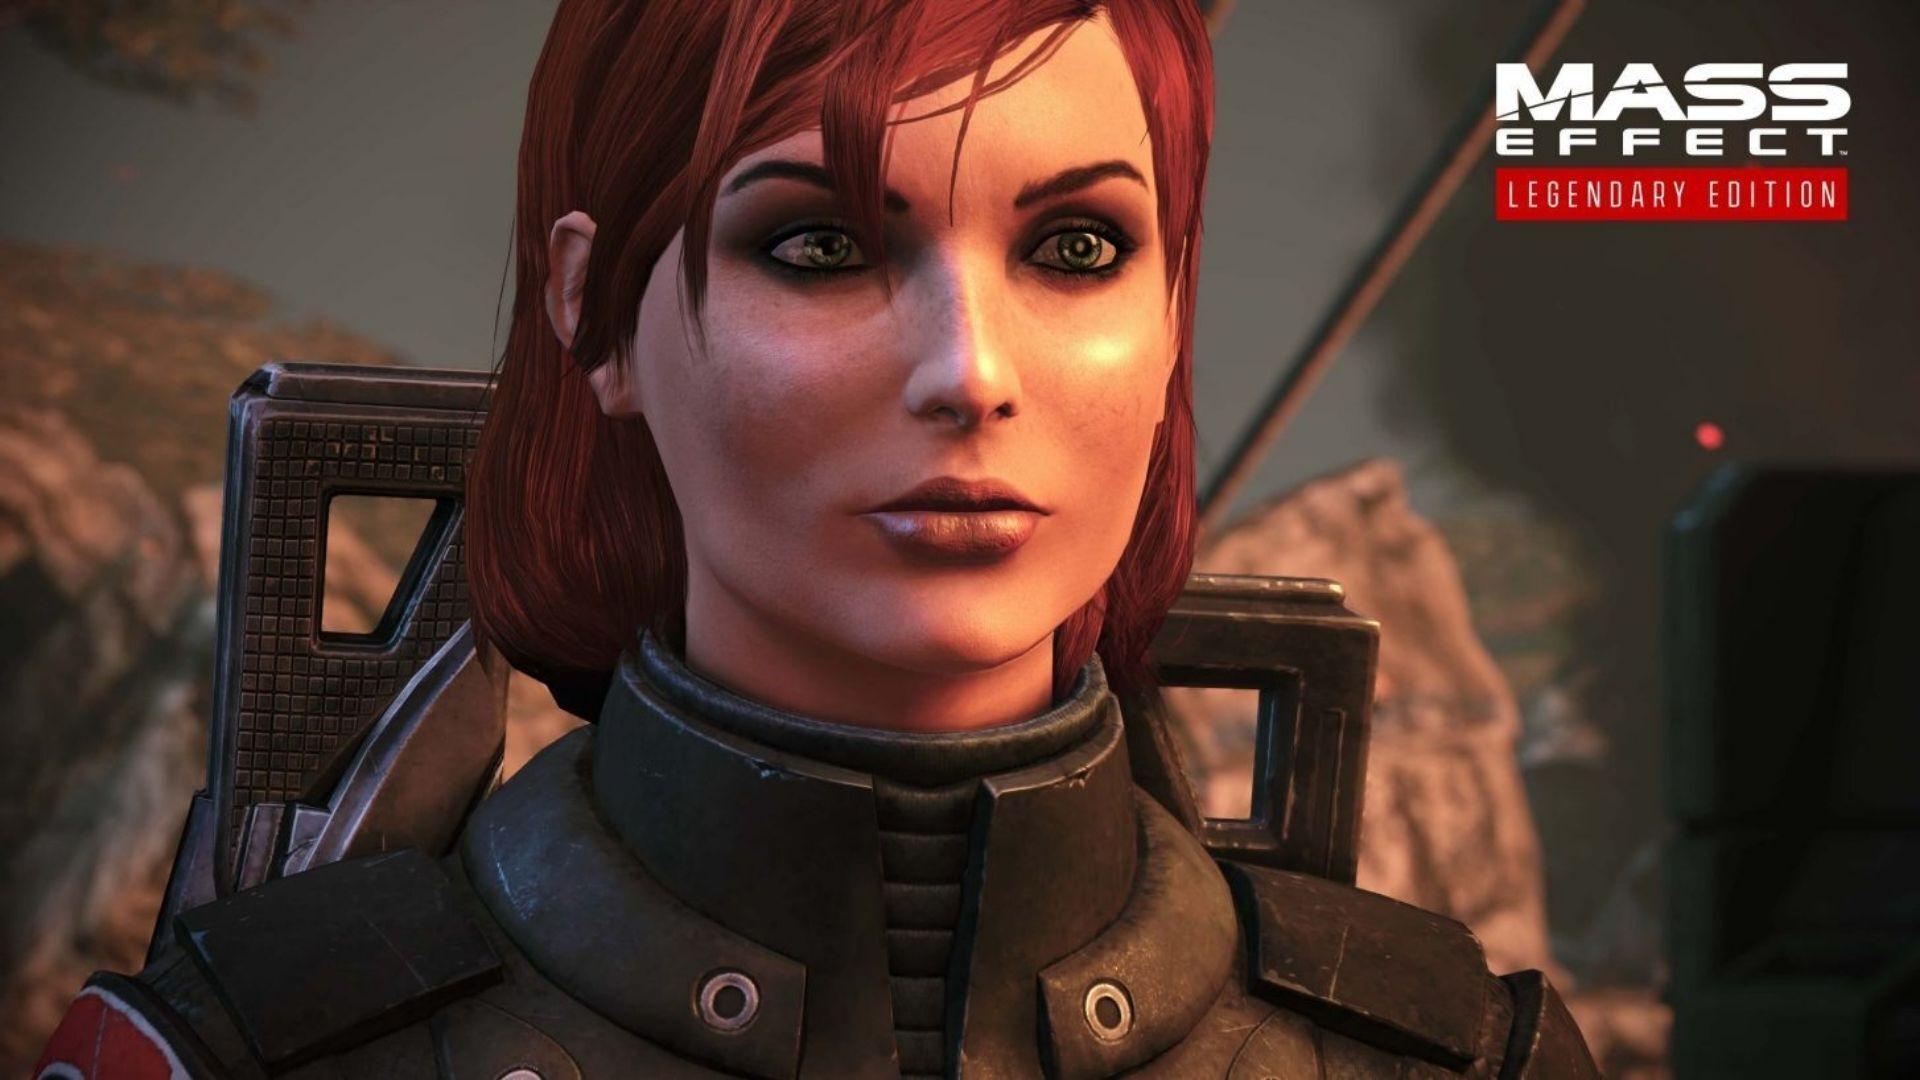 Em Mass Effect, você vive Comandante Shepard, que pode ter diferentes histórias de vida e ser homem ou mulher, um exemplo de personalização (Fonte: BioWare)